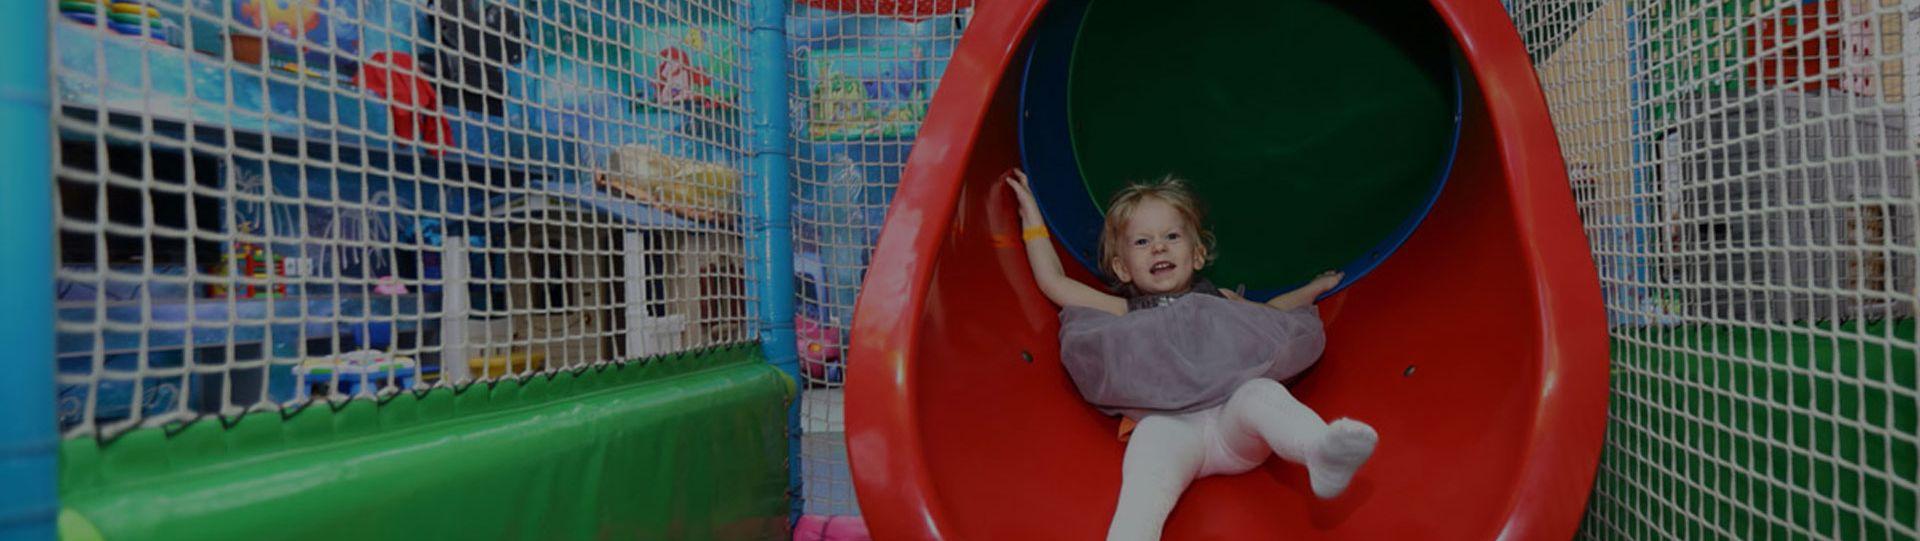 Rete Per Balconi Bambini reti anticaduta per la sicurezza domestica